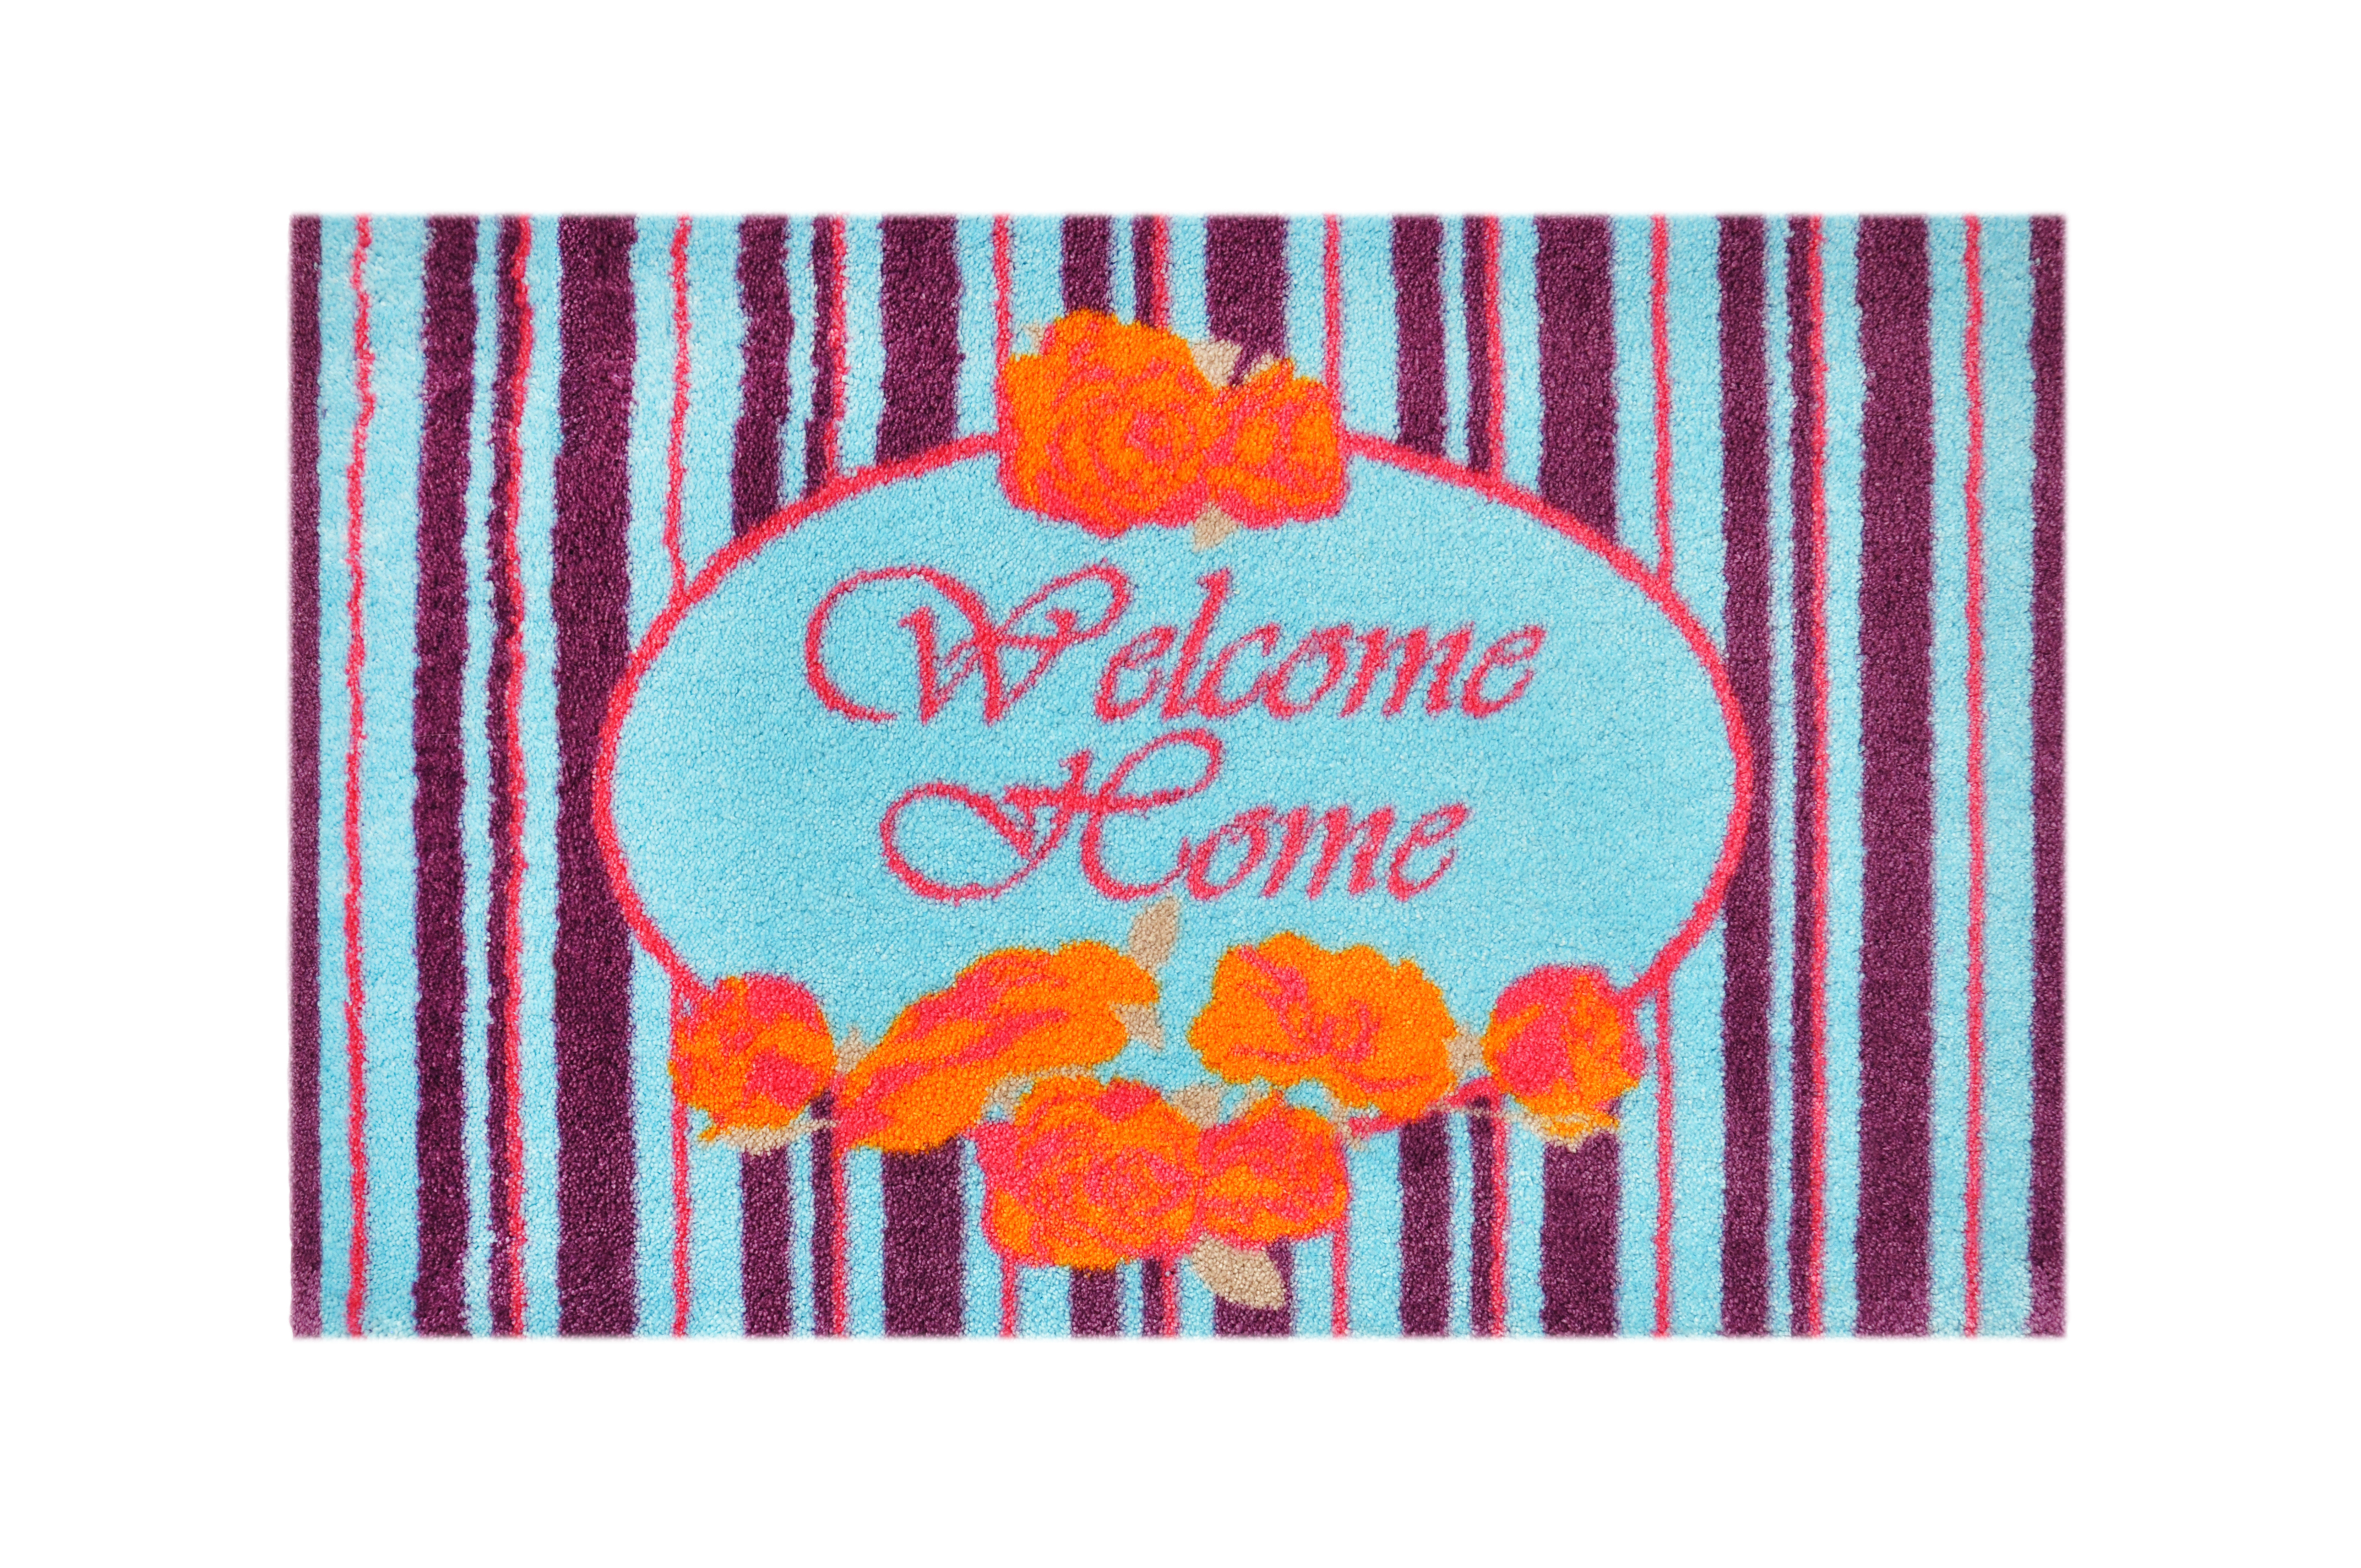 """Fußmatte """"Welcome Home"""" violett/blau"""